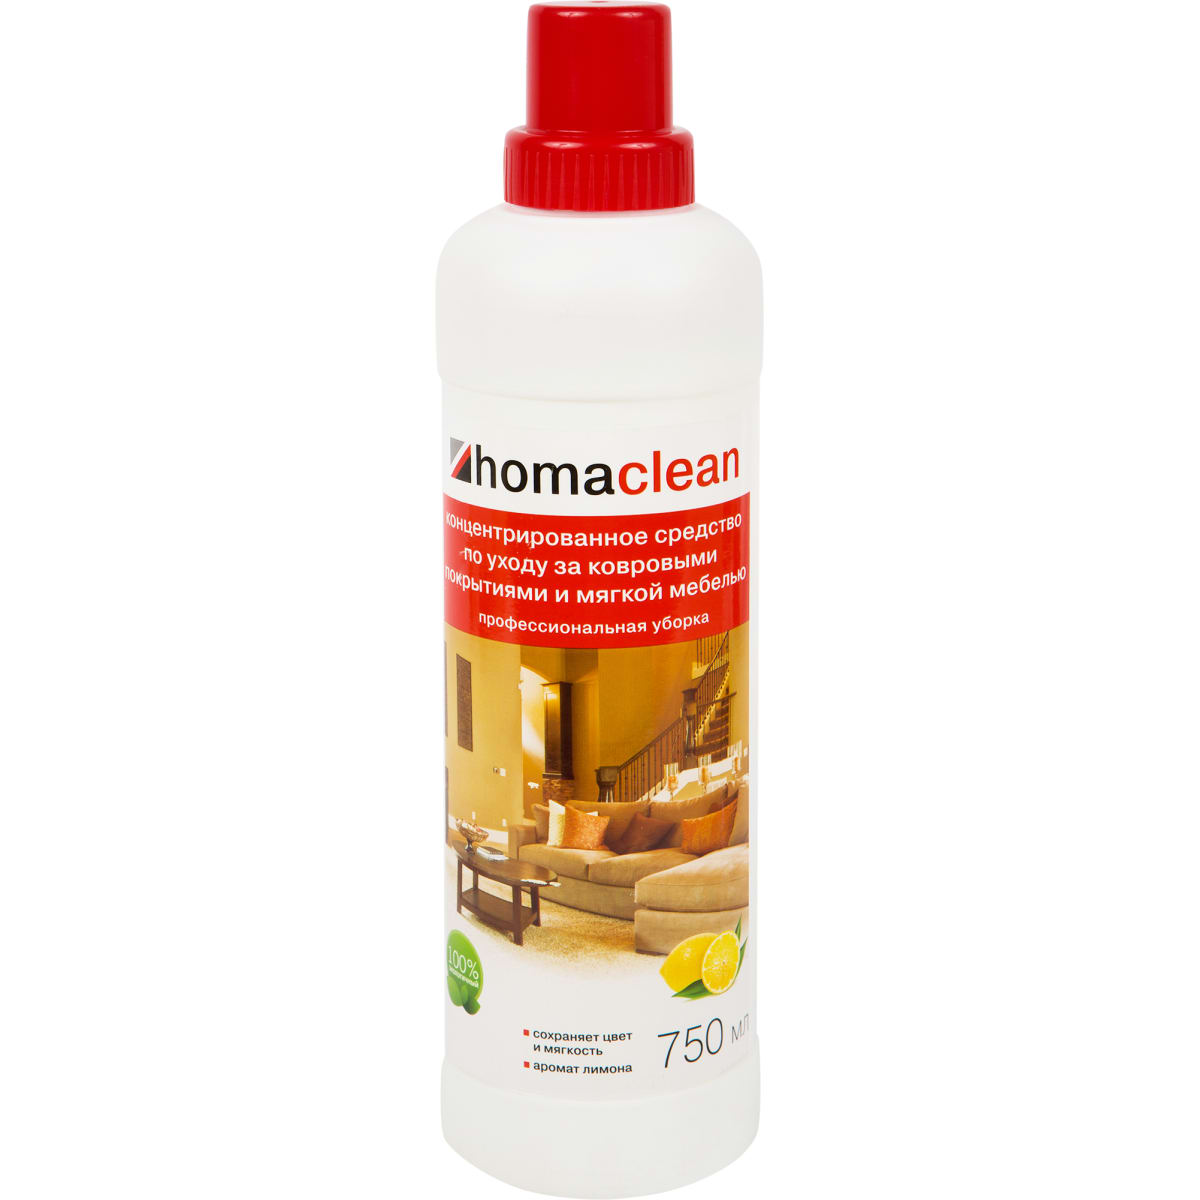 Концентрат для ухода за ковровыми покрытиями и мягкой мебелью Homaclean 0.75 л